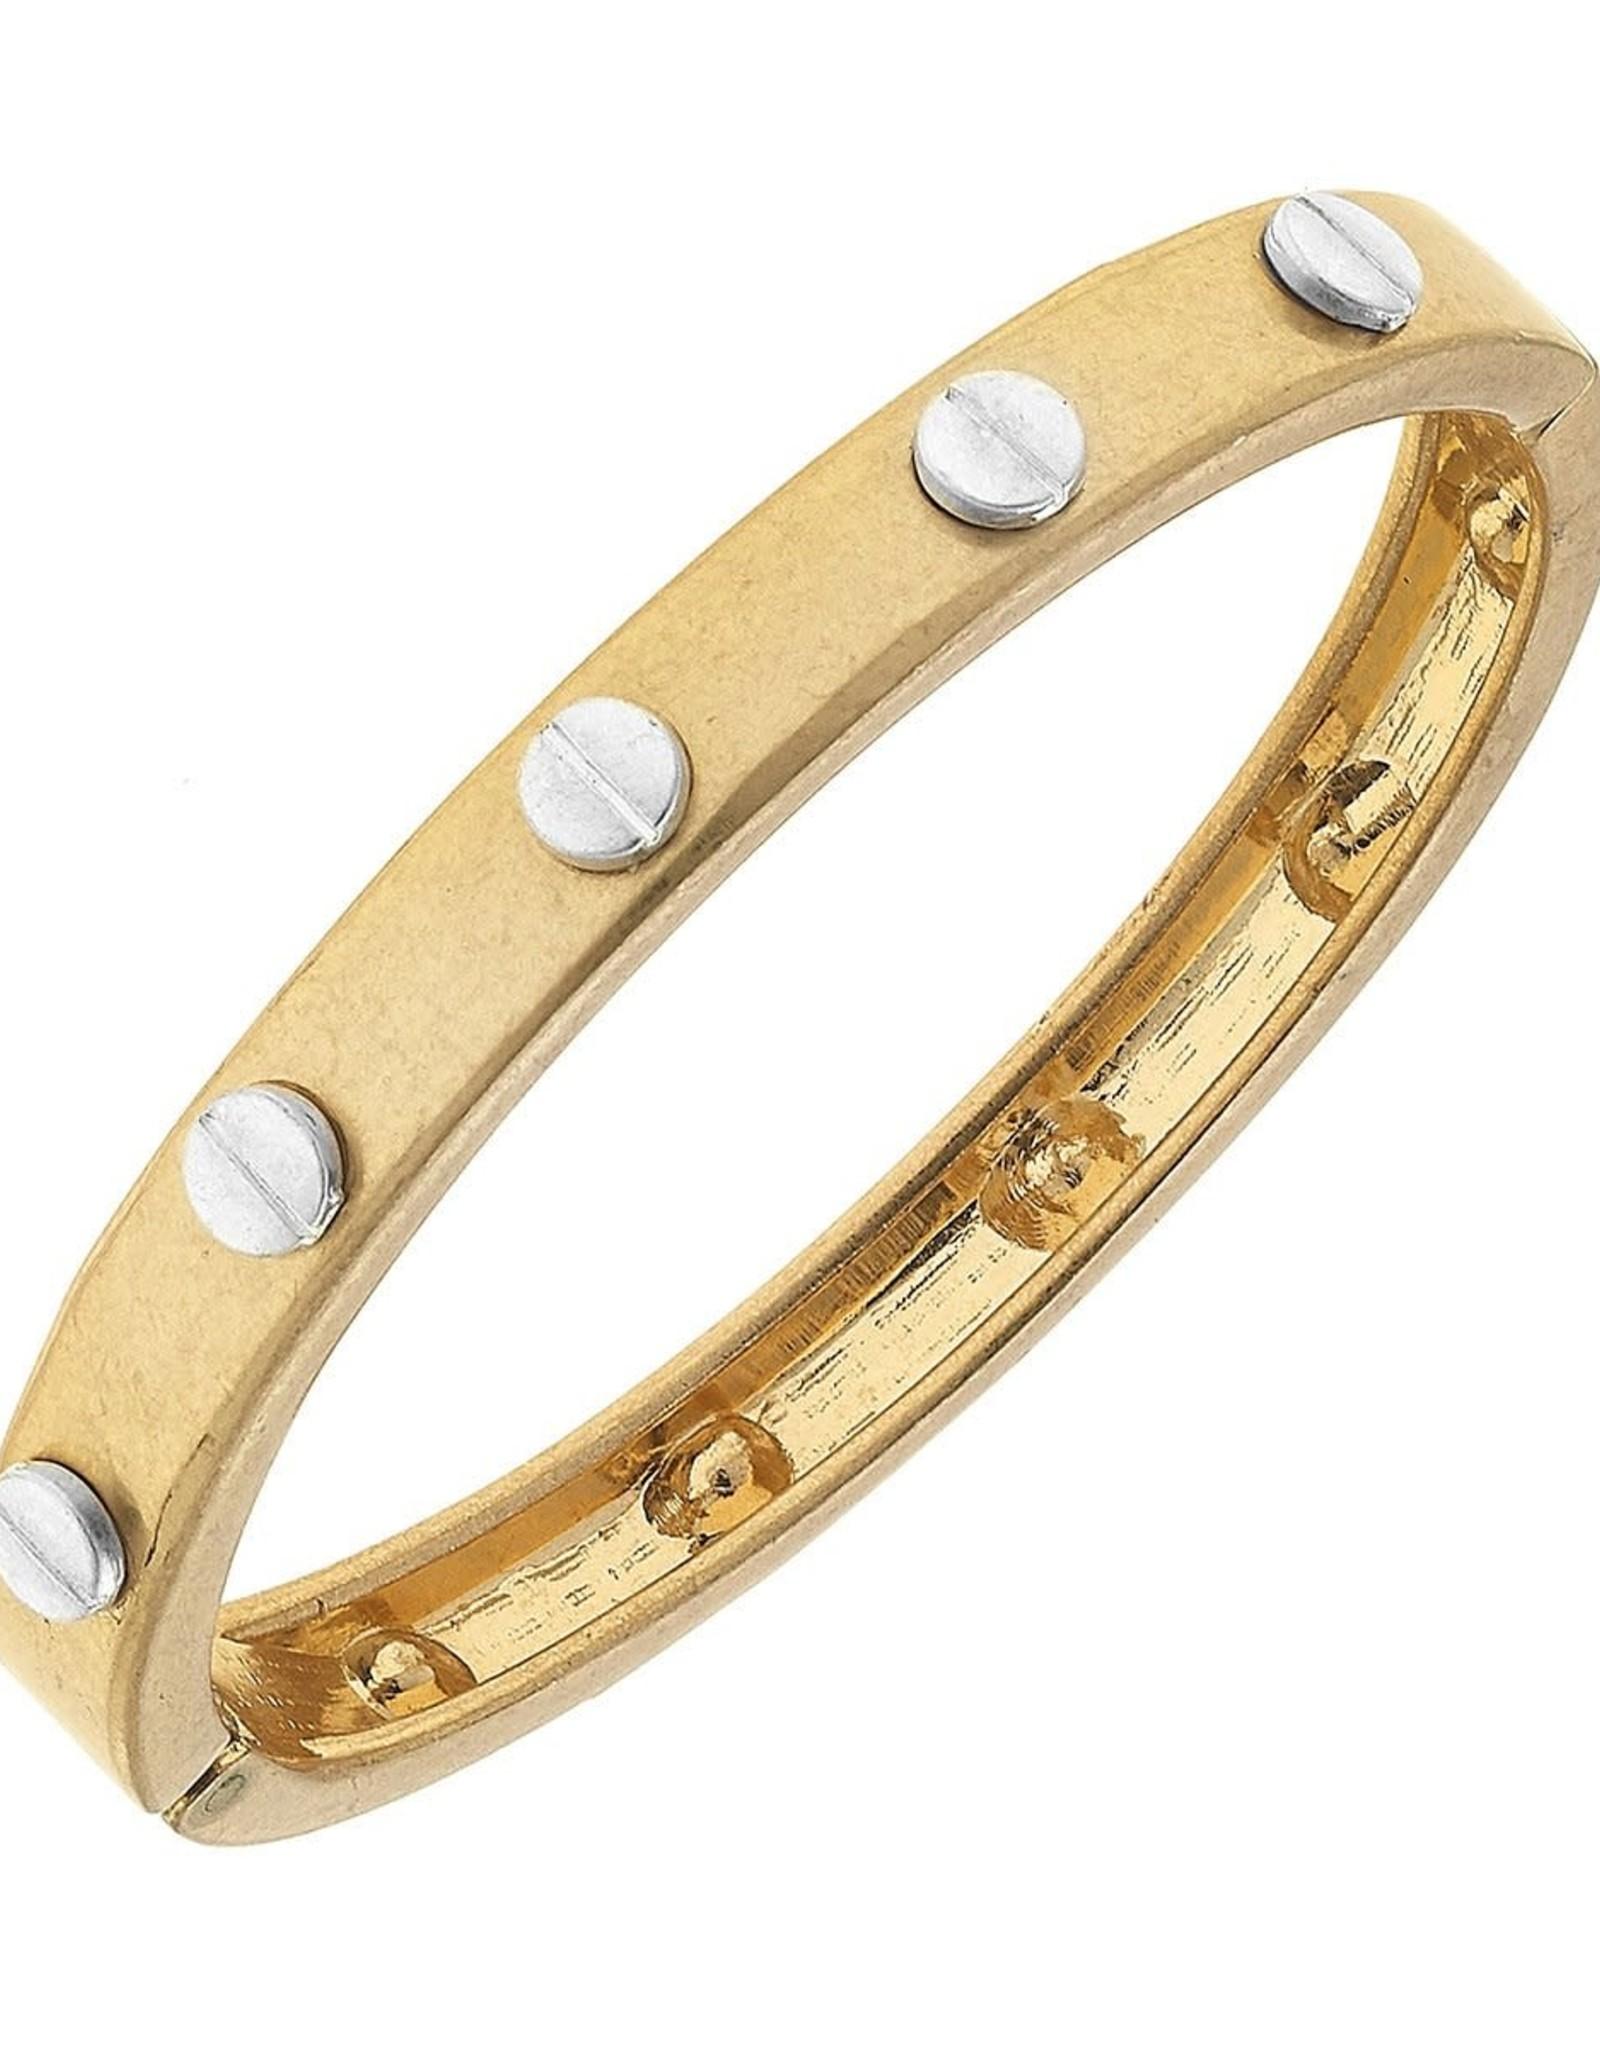 - Hardware Hinge Bangle in Worn Gold